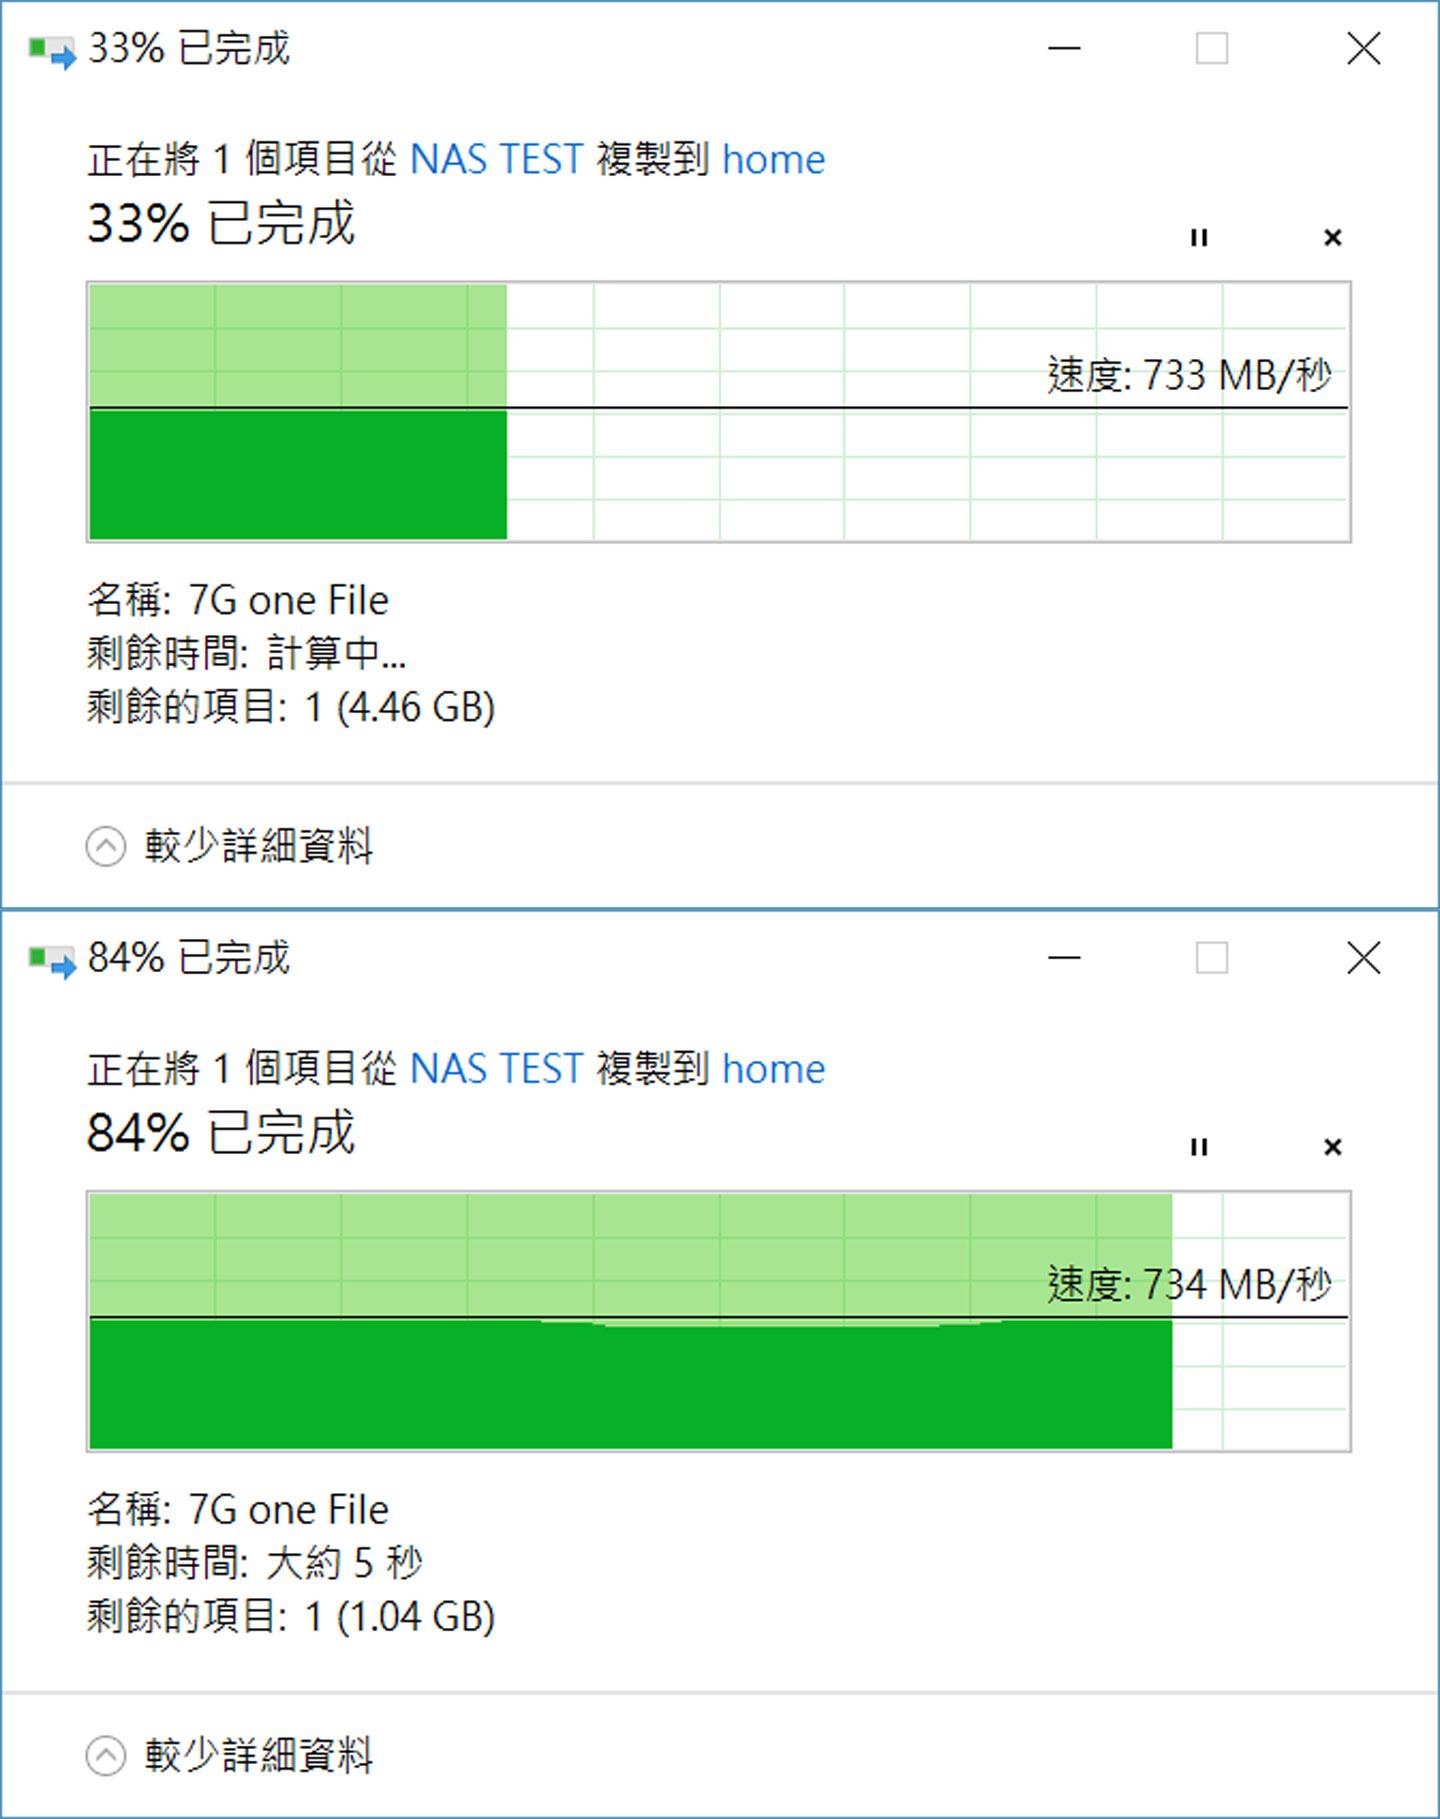 首先,我們測試一下 7GB 大小的單一檔案,透過網路芳鄰的 SMB 傳輸方式,將檔案從電腦端(資料來源為 PCIe SSD)傳輸至 NAS �,可看到平均傳輸速度可超過 730 MB/s,相較於傳統硬碟大約 110 MB/s 左右的速度,足足快了 將近 7 倍。